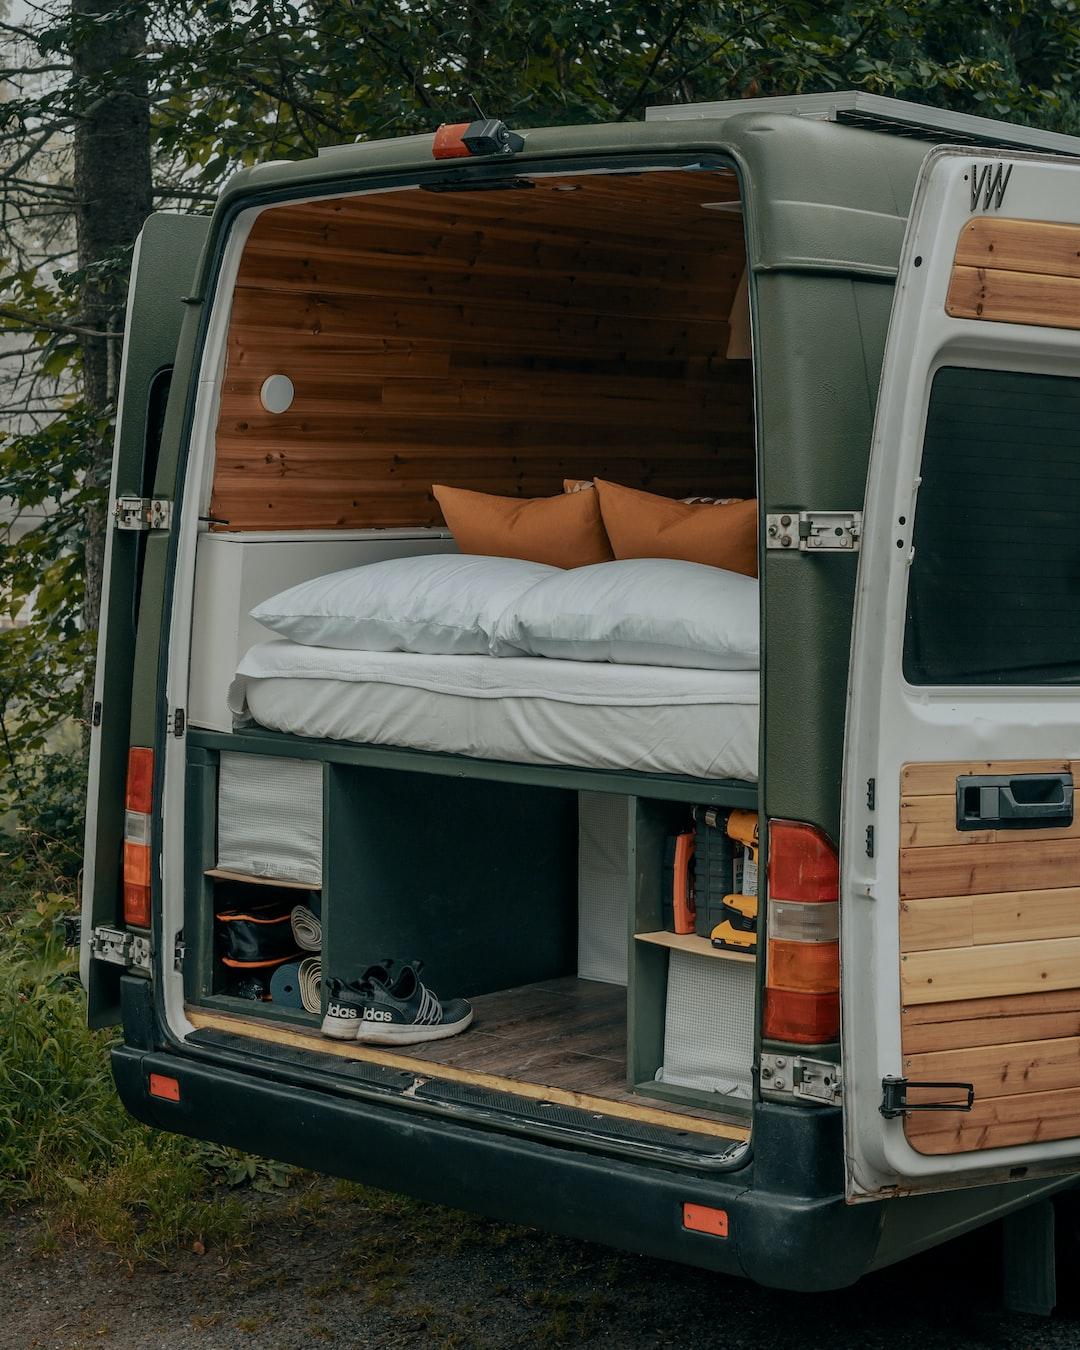 white van with brown wooden door